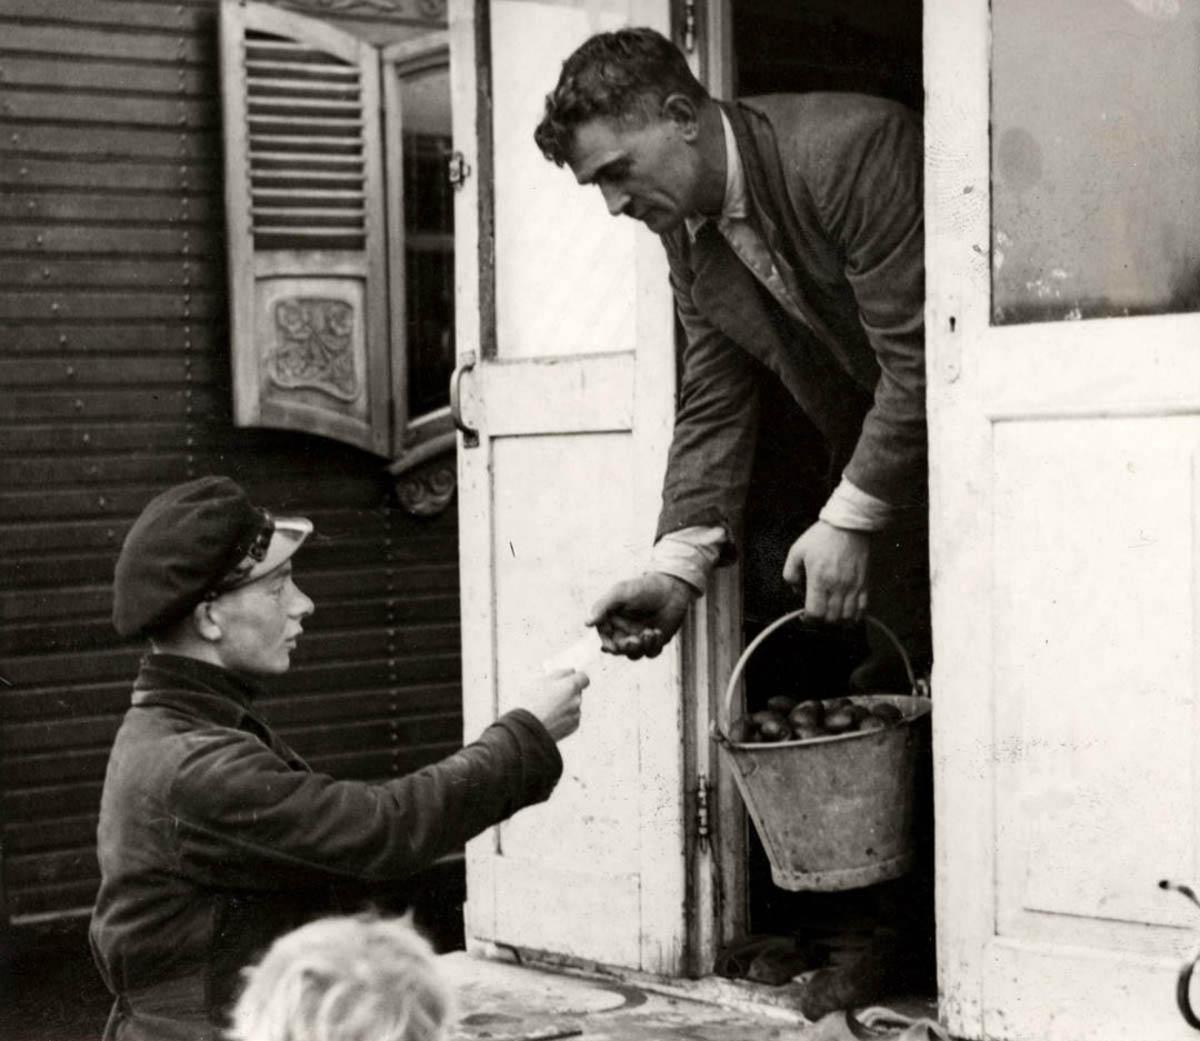 4514 Жизнь цыган в Европе до Второй Мировой войны